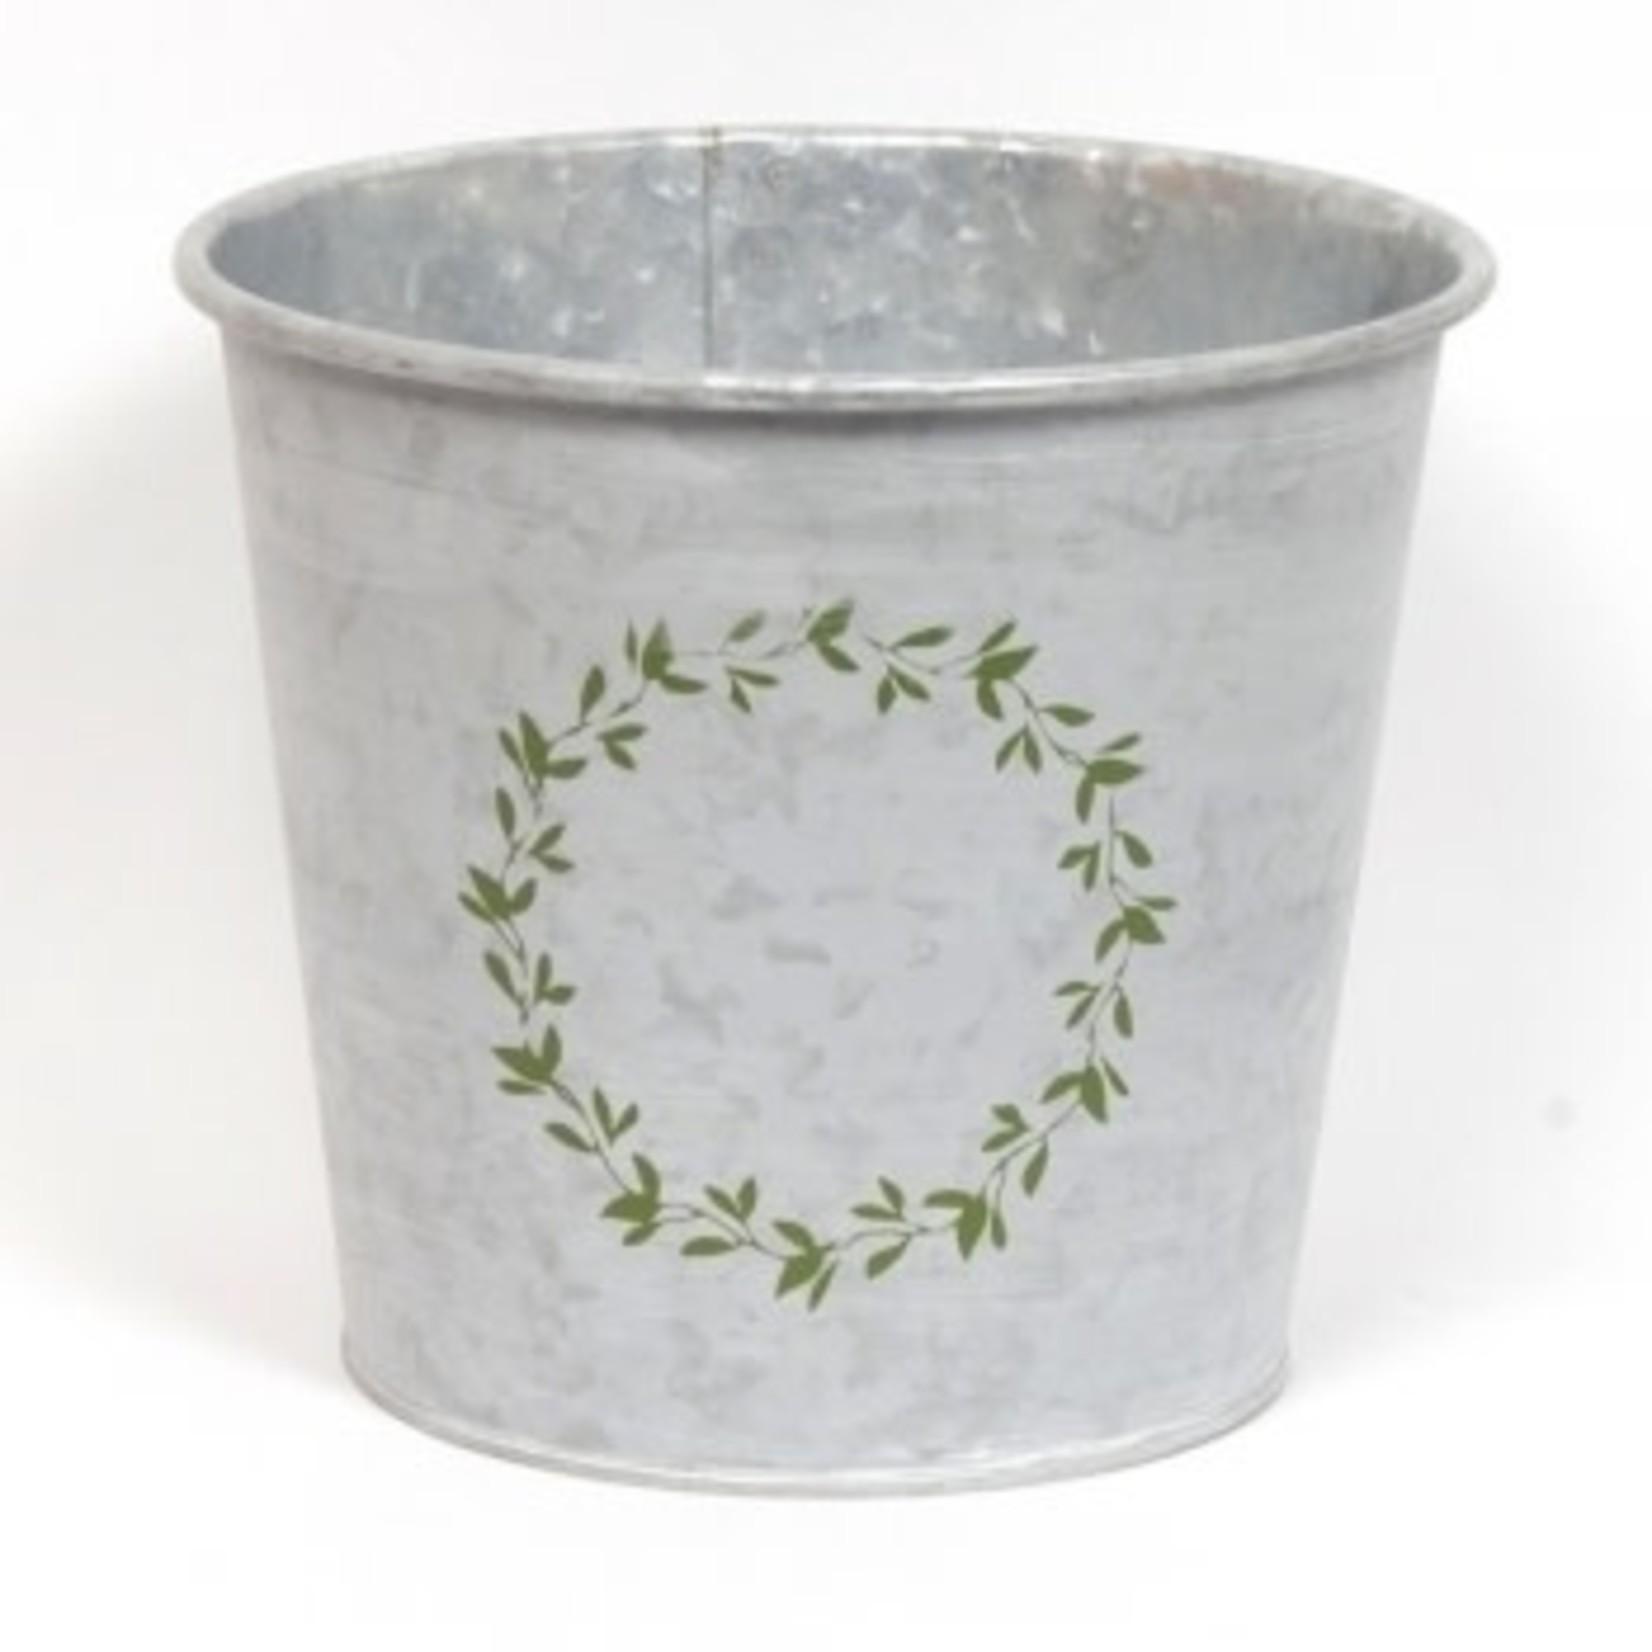 Whitewash Galvanized Wreath Pot - Large